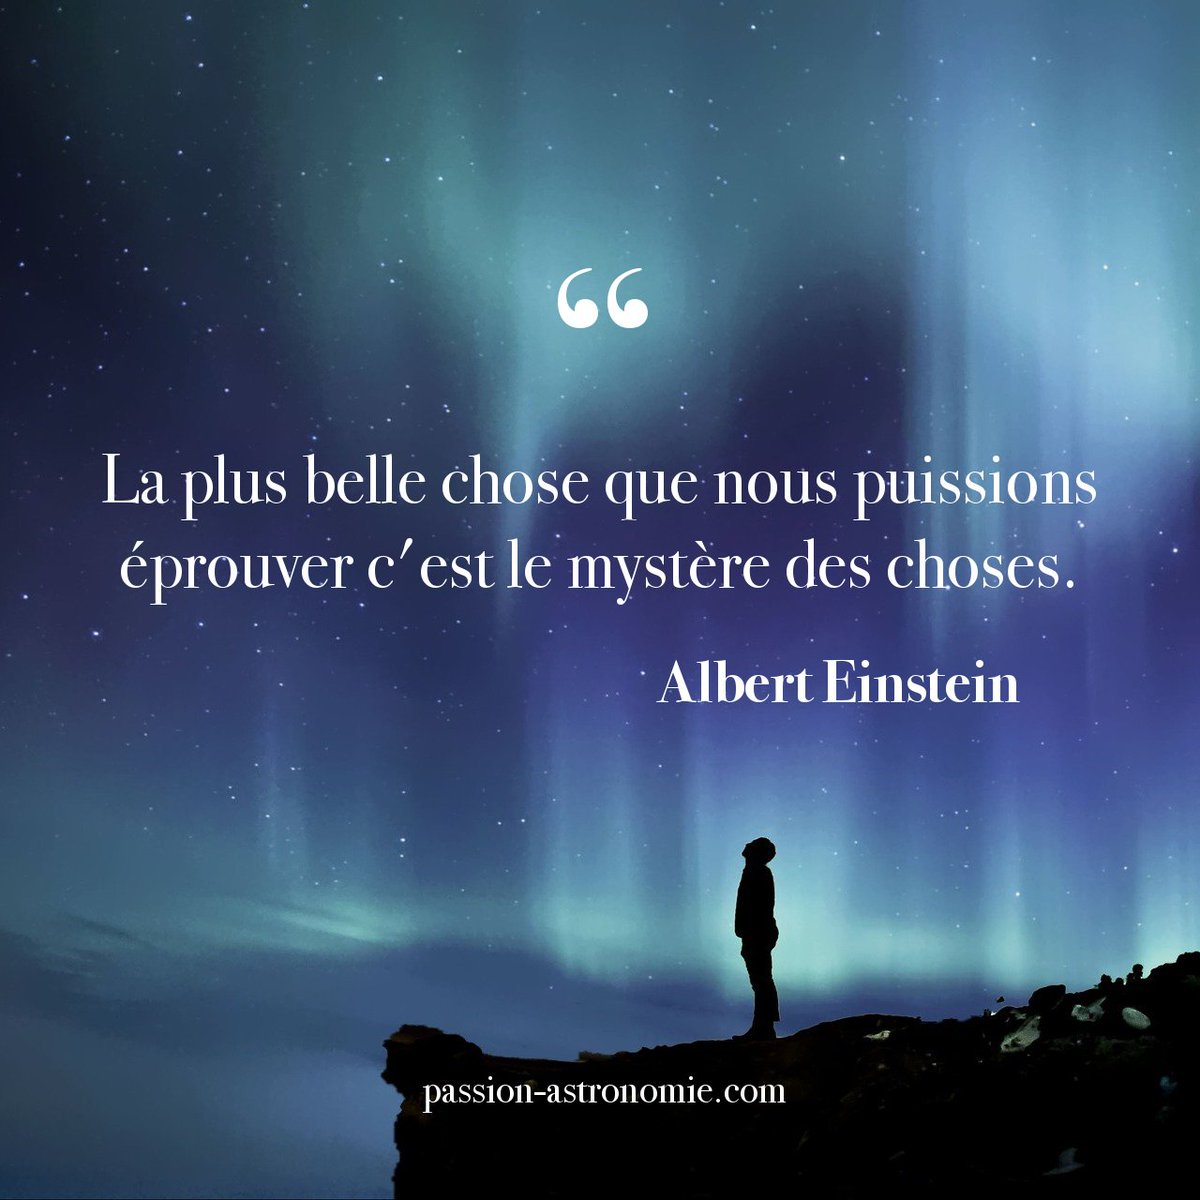 Passion Astronomie No Twitter Une Magnifique Citation D Albert